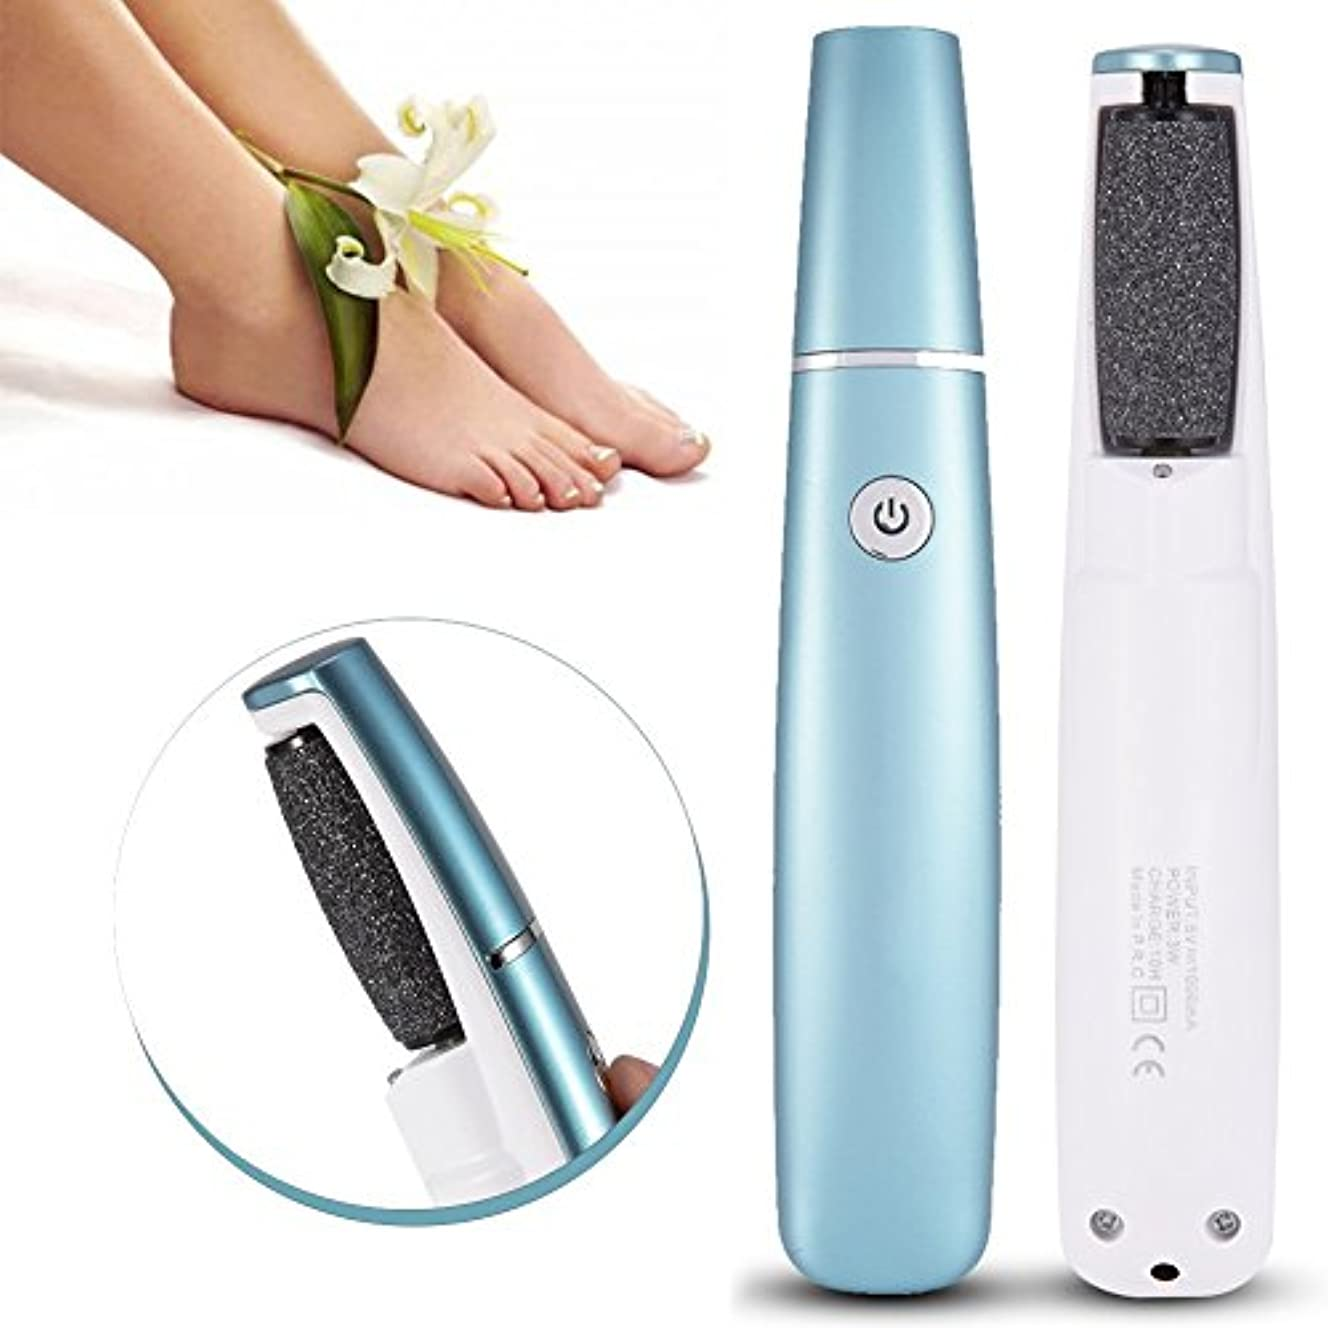 USB充電式電気フット角膜リムーバー、プログラインダーフットペディキュアツール、クリアドライ、デッド、ハード、ひびの入った肌